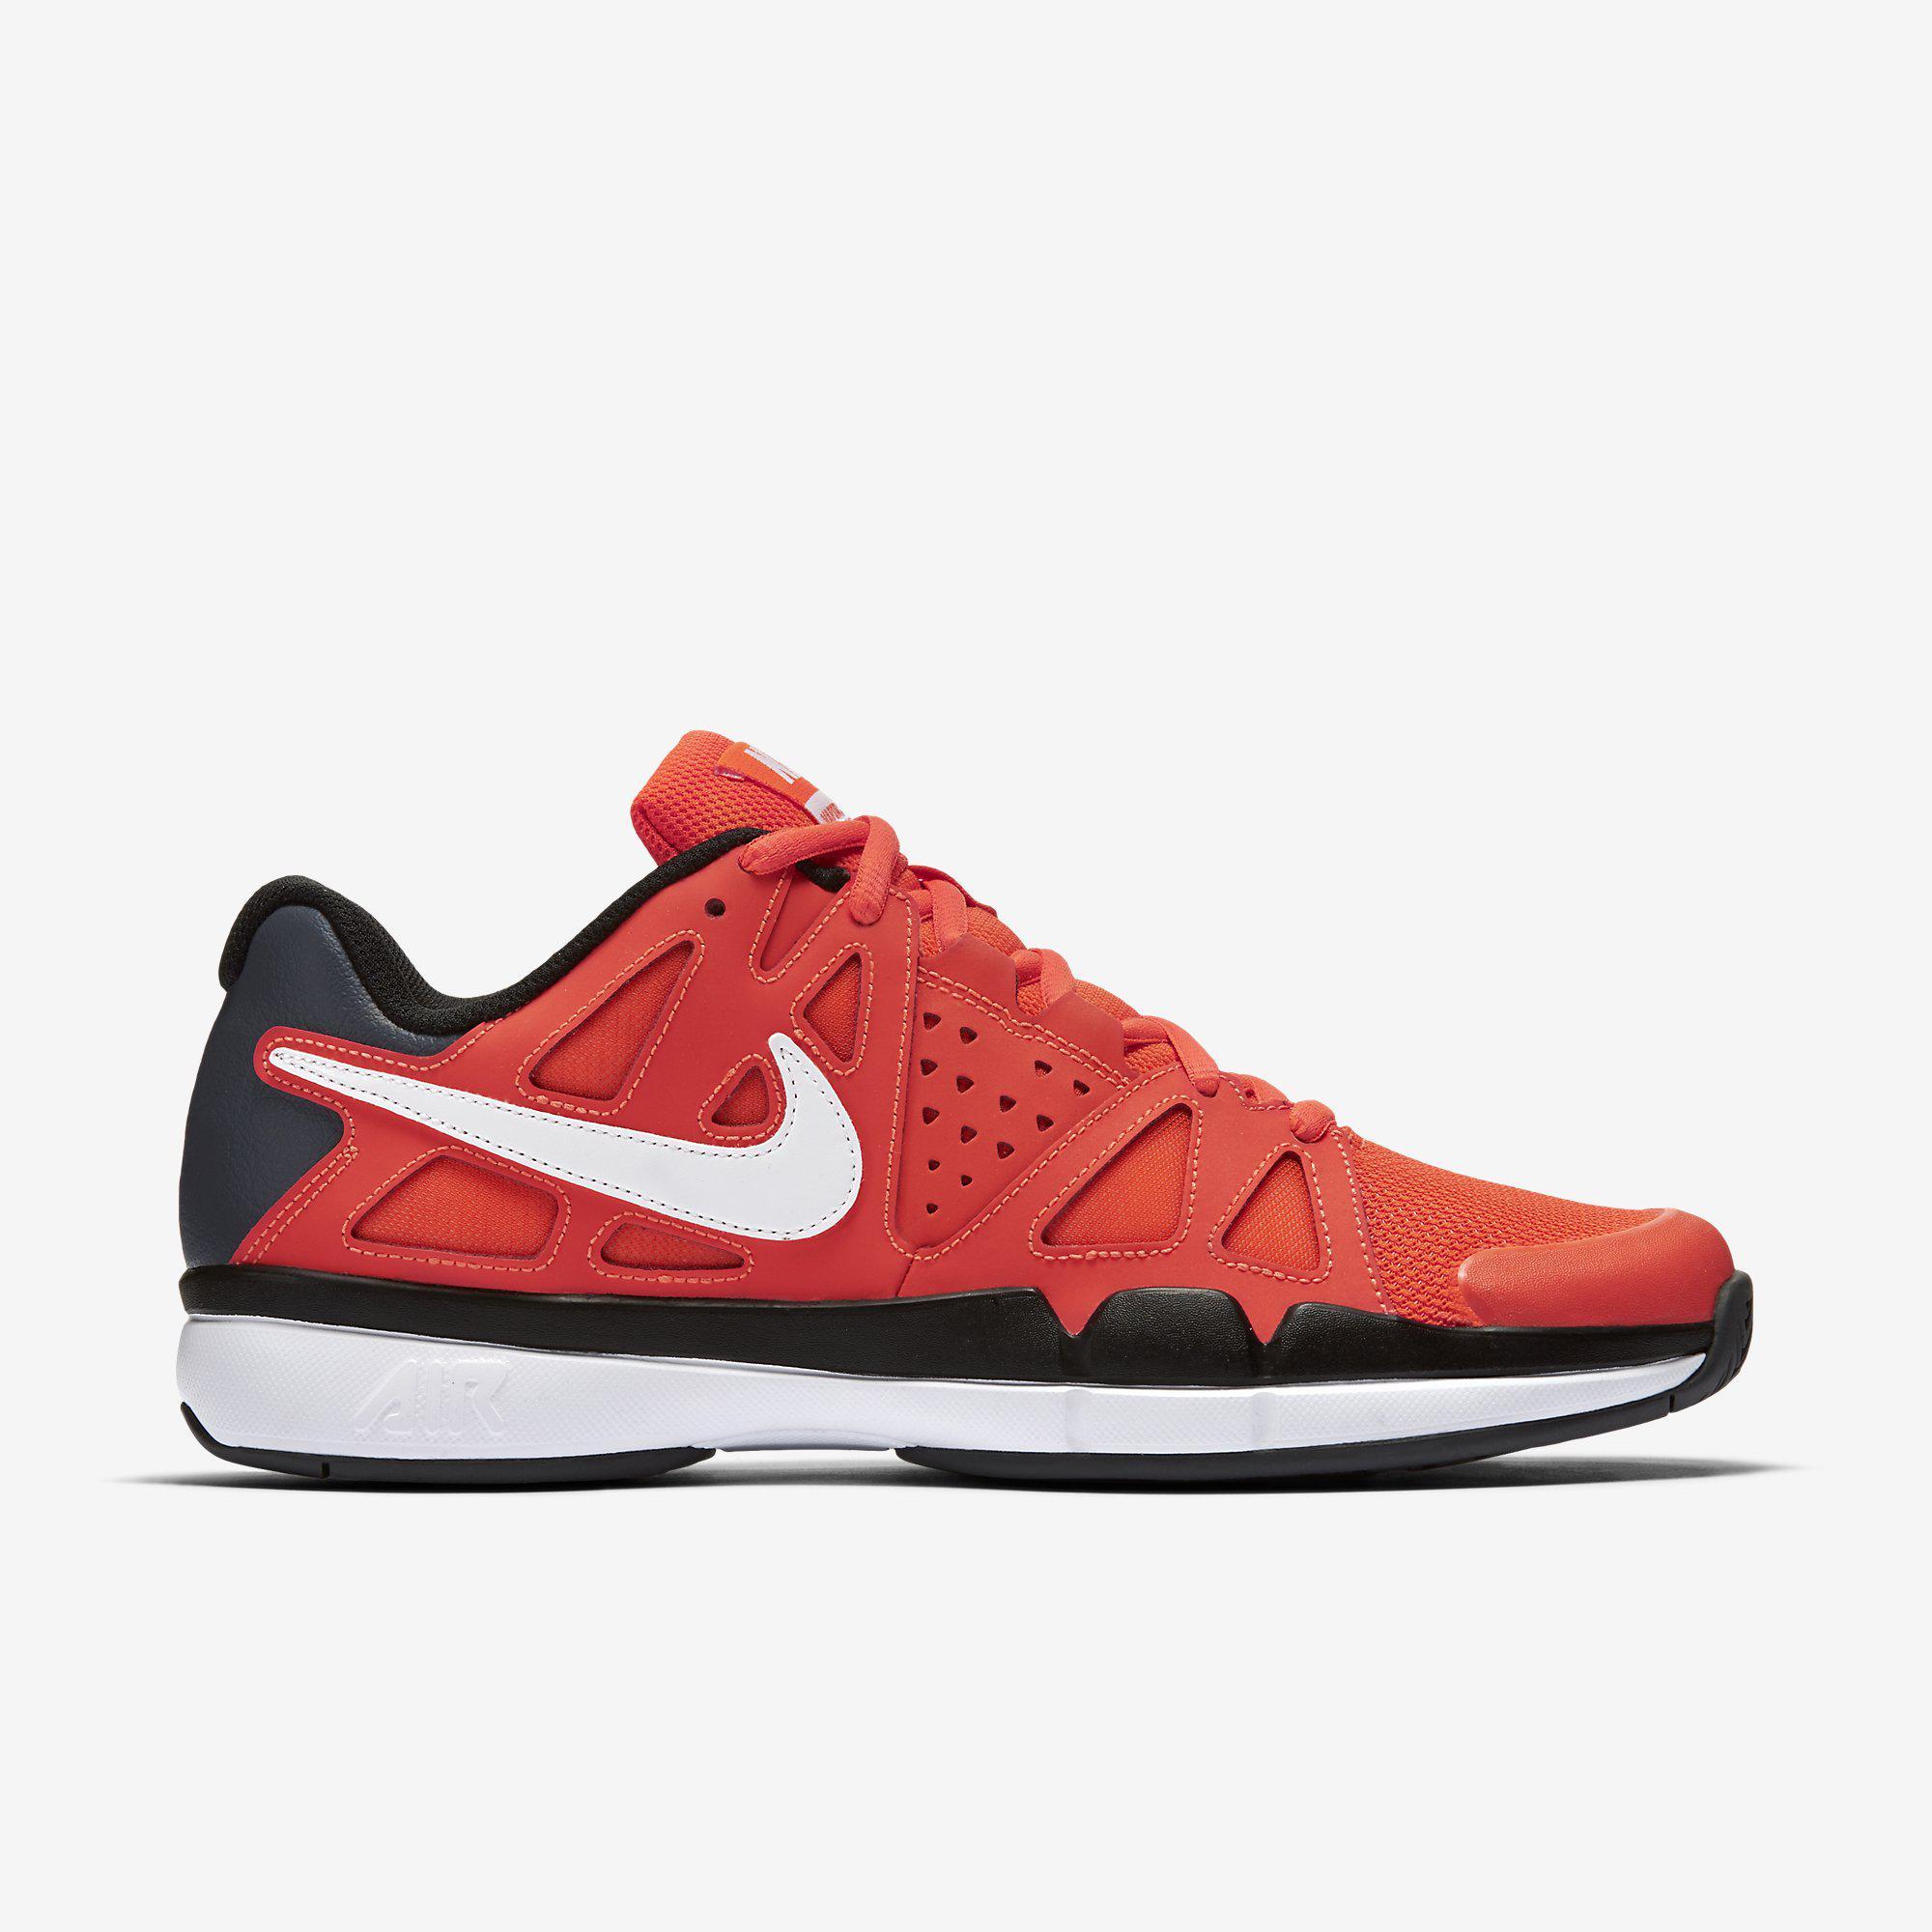 Nike Mens Air Vapor Advantage Tennis